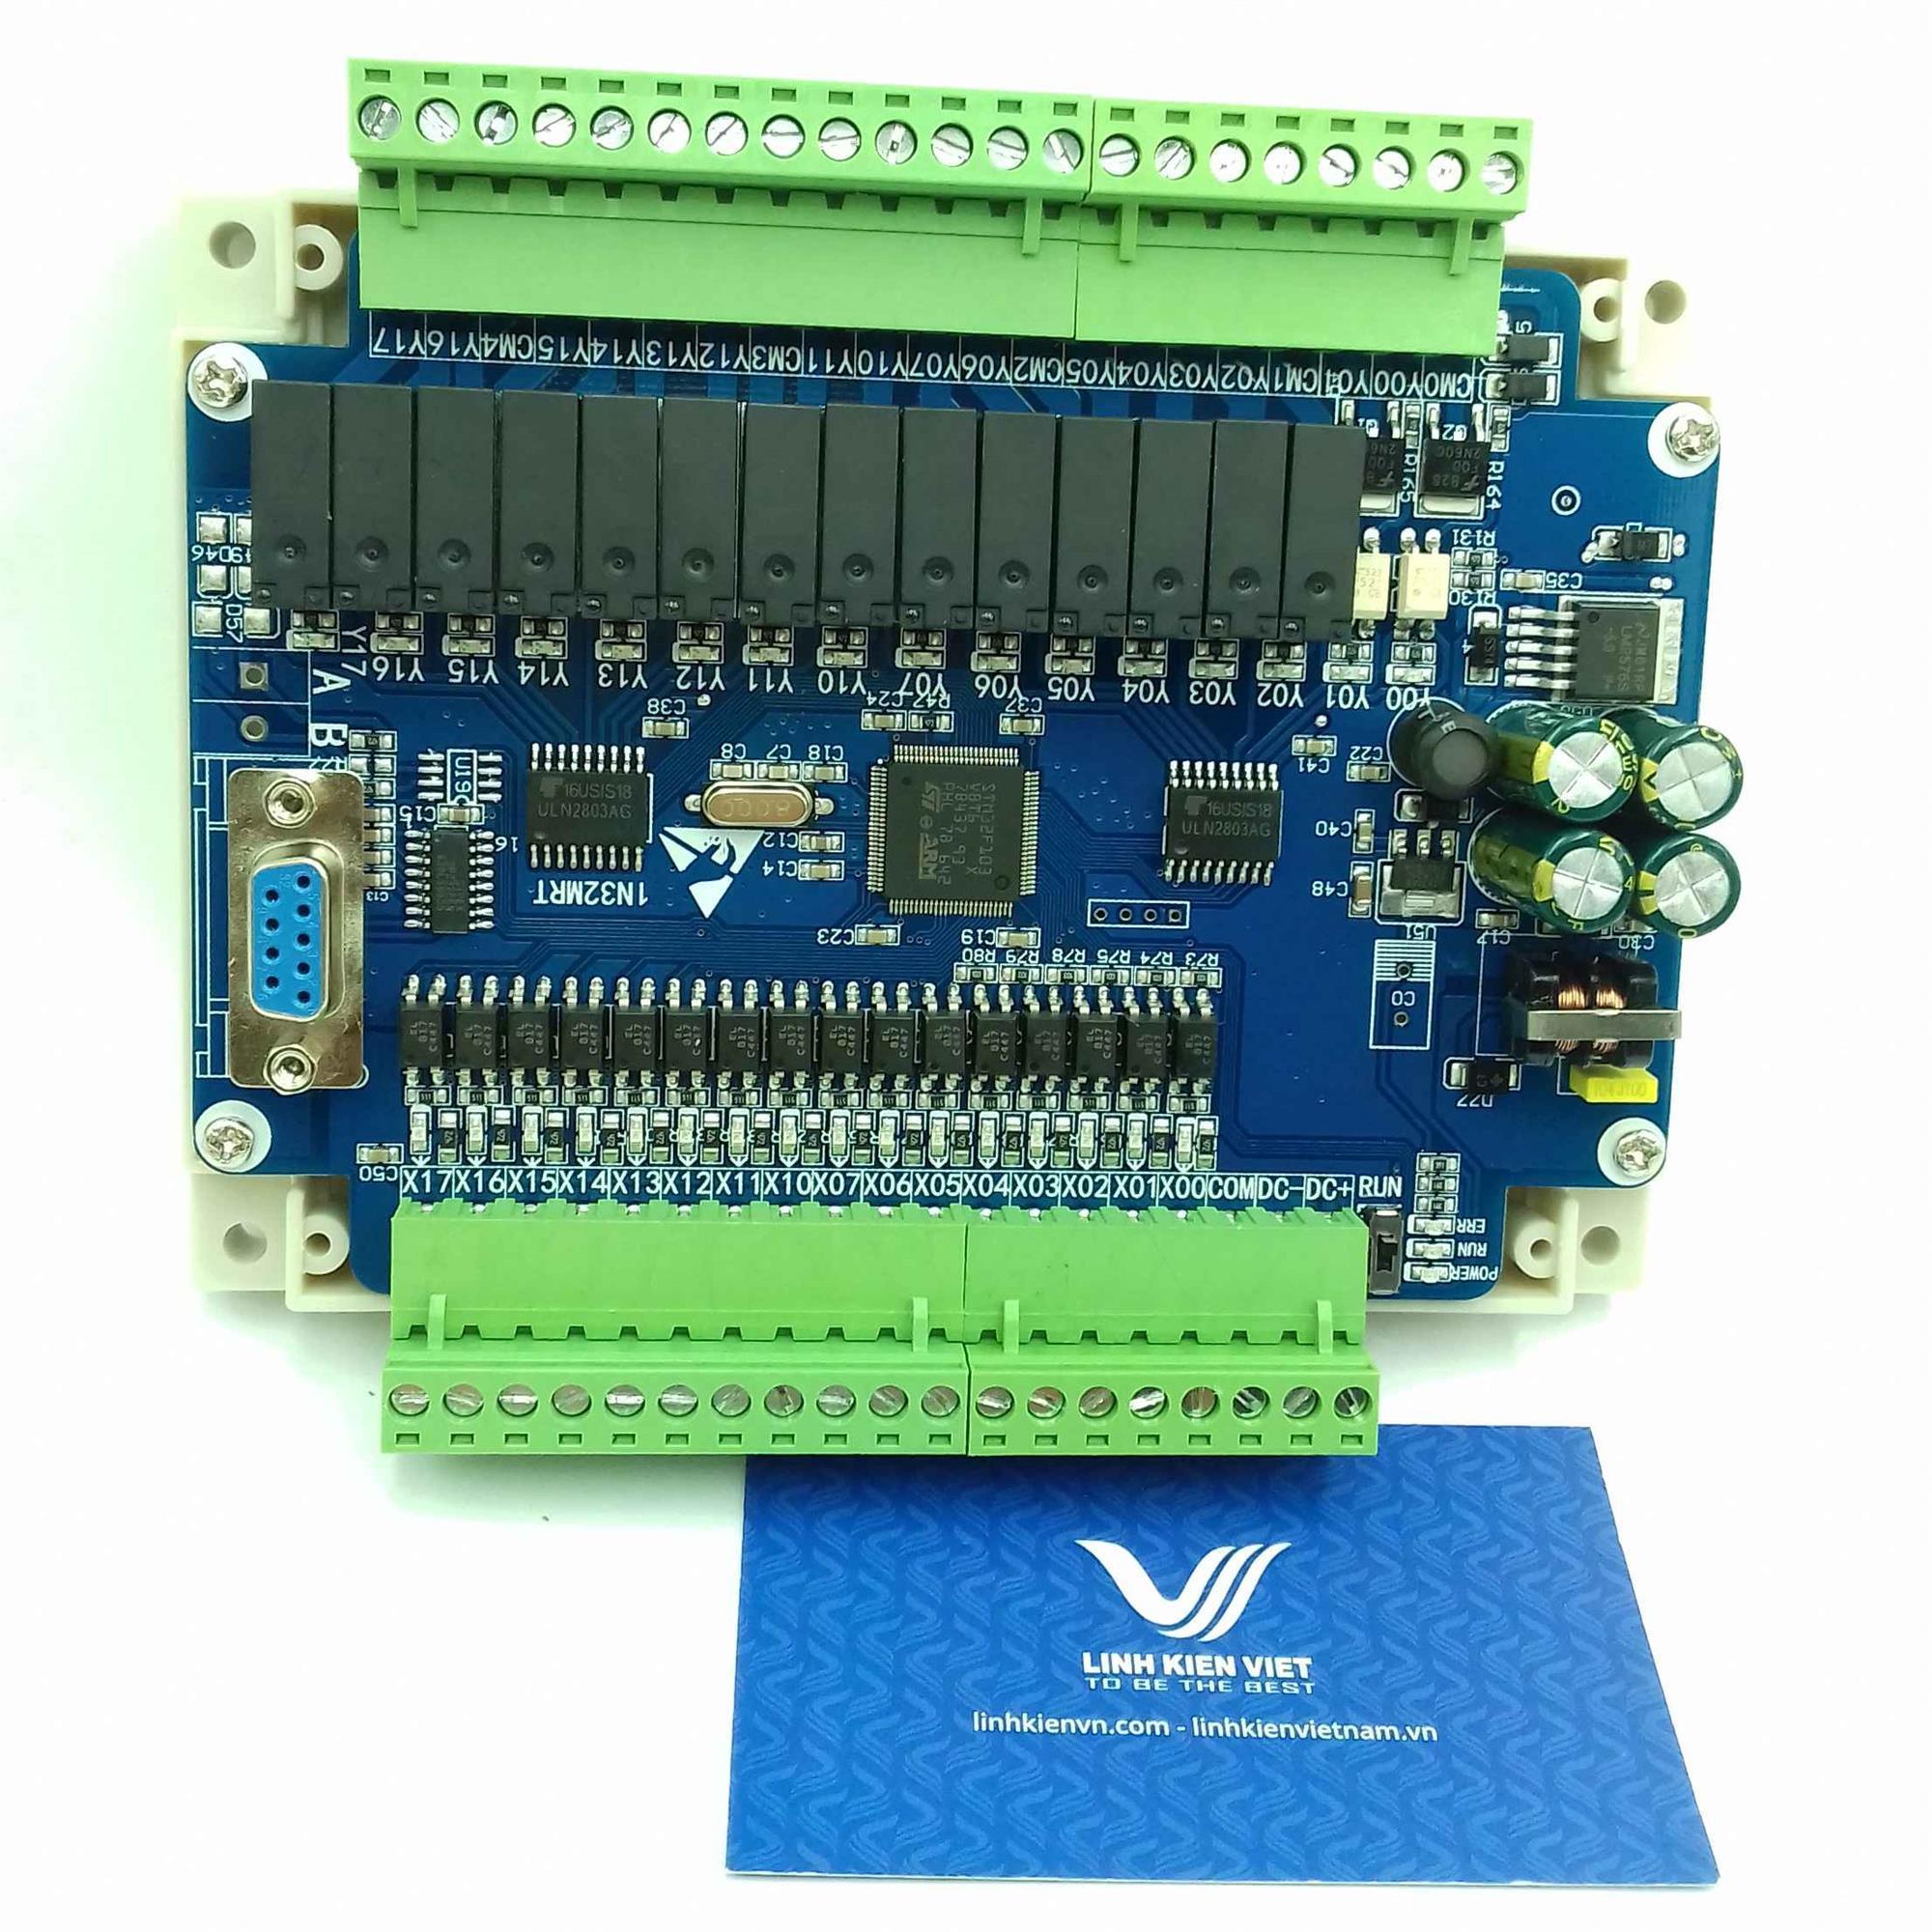 BO MẠCH PLC FX1N-32MRT Có Đế Nhựa- KHO B